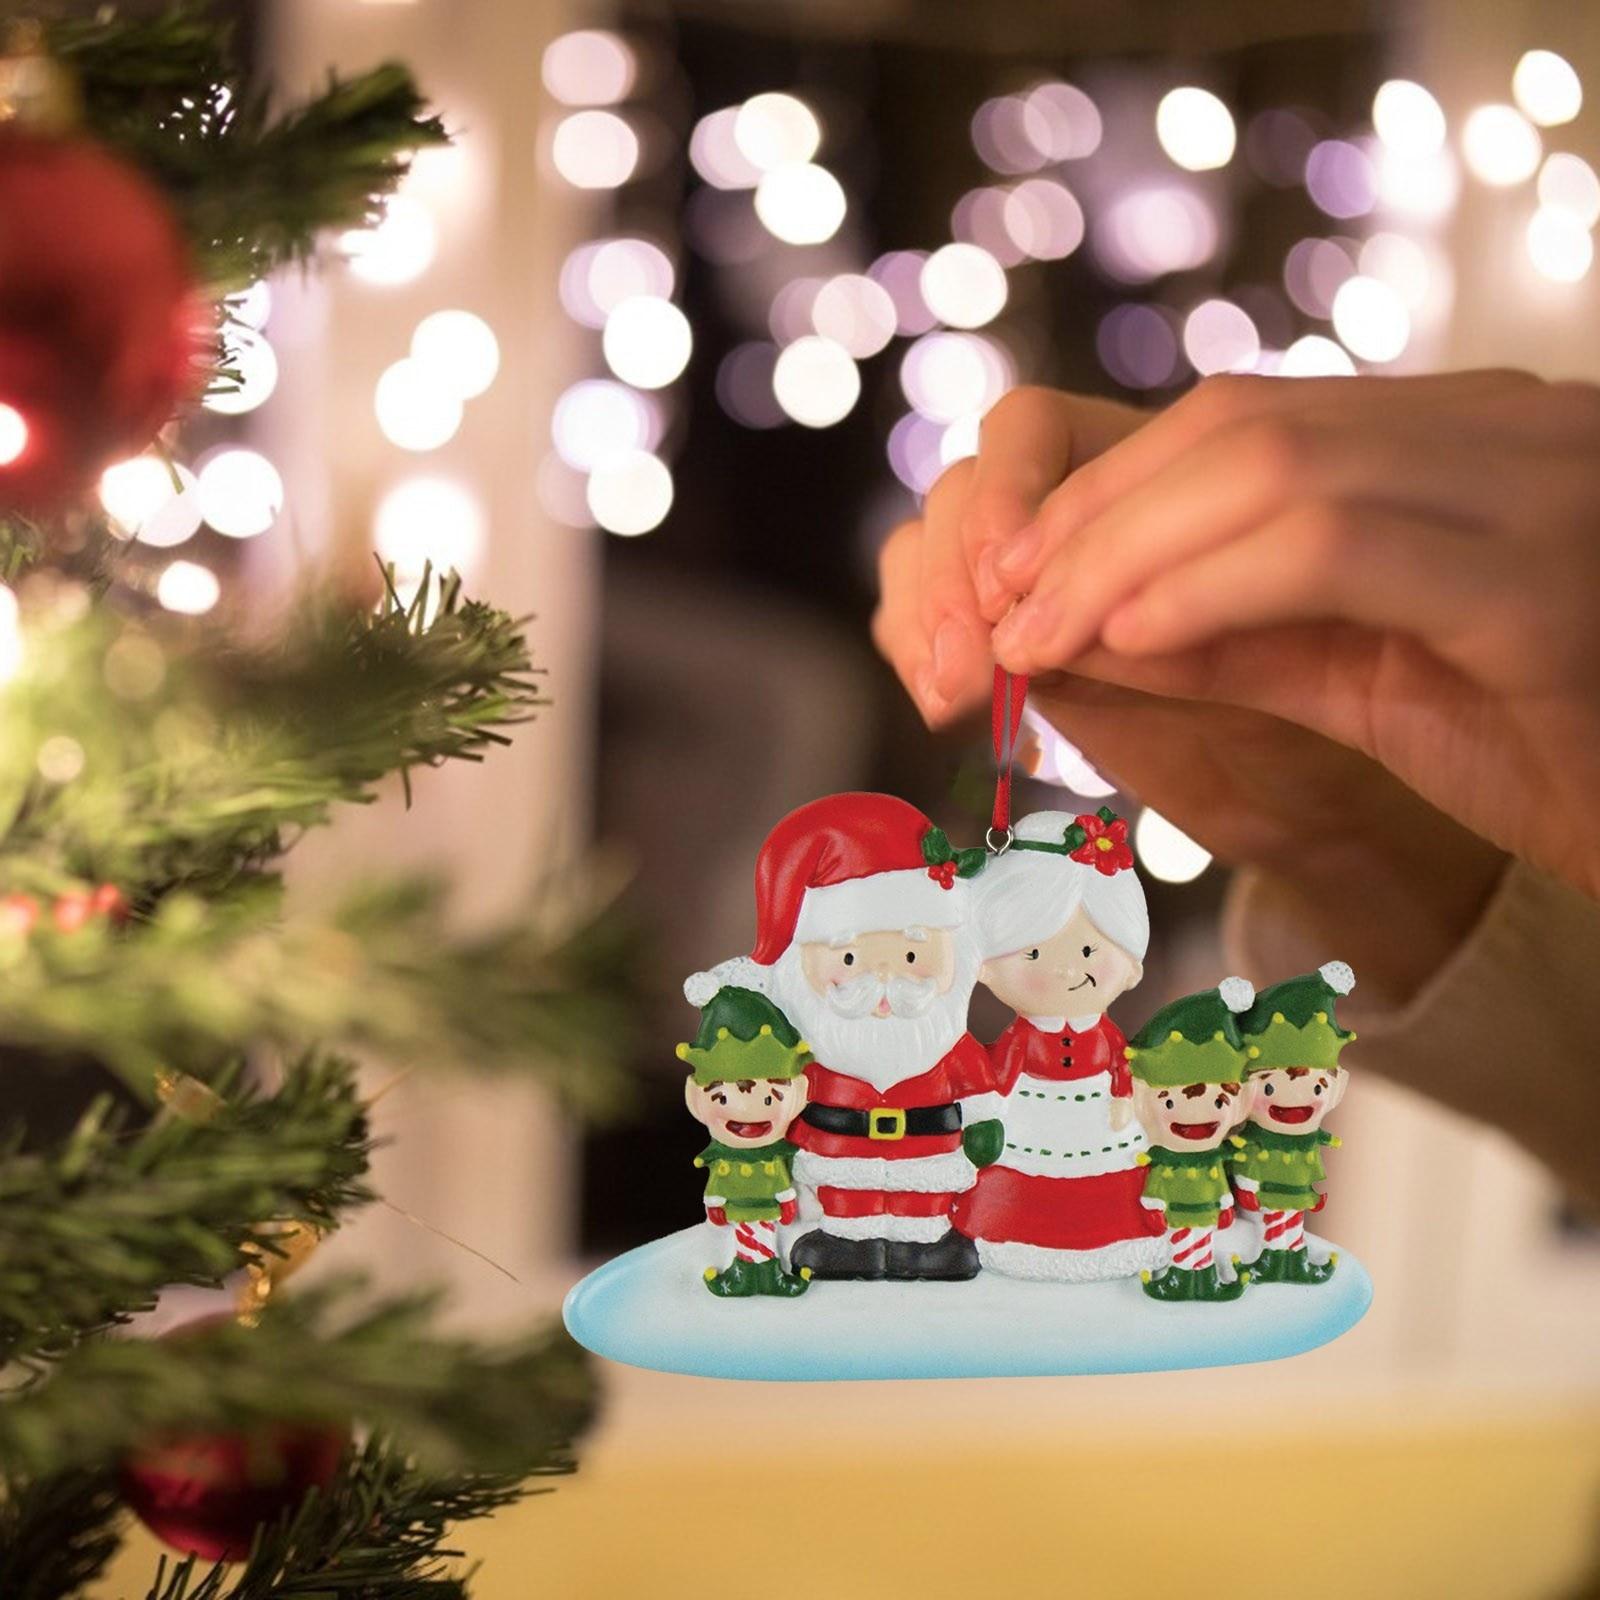 Decoración de navidad de familia bricolaje decoración de árbol de navidad adornos...